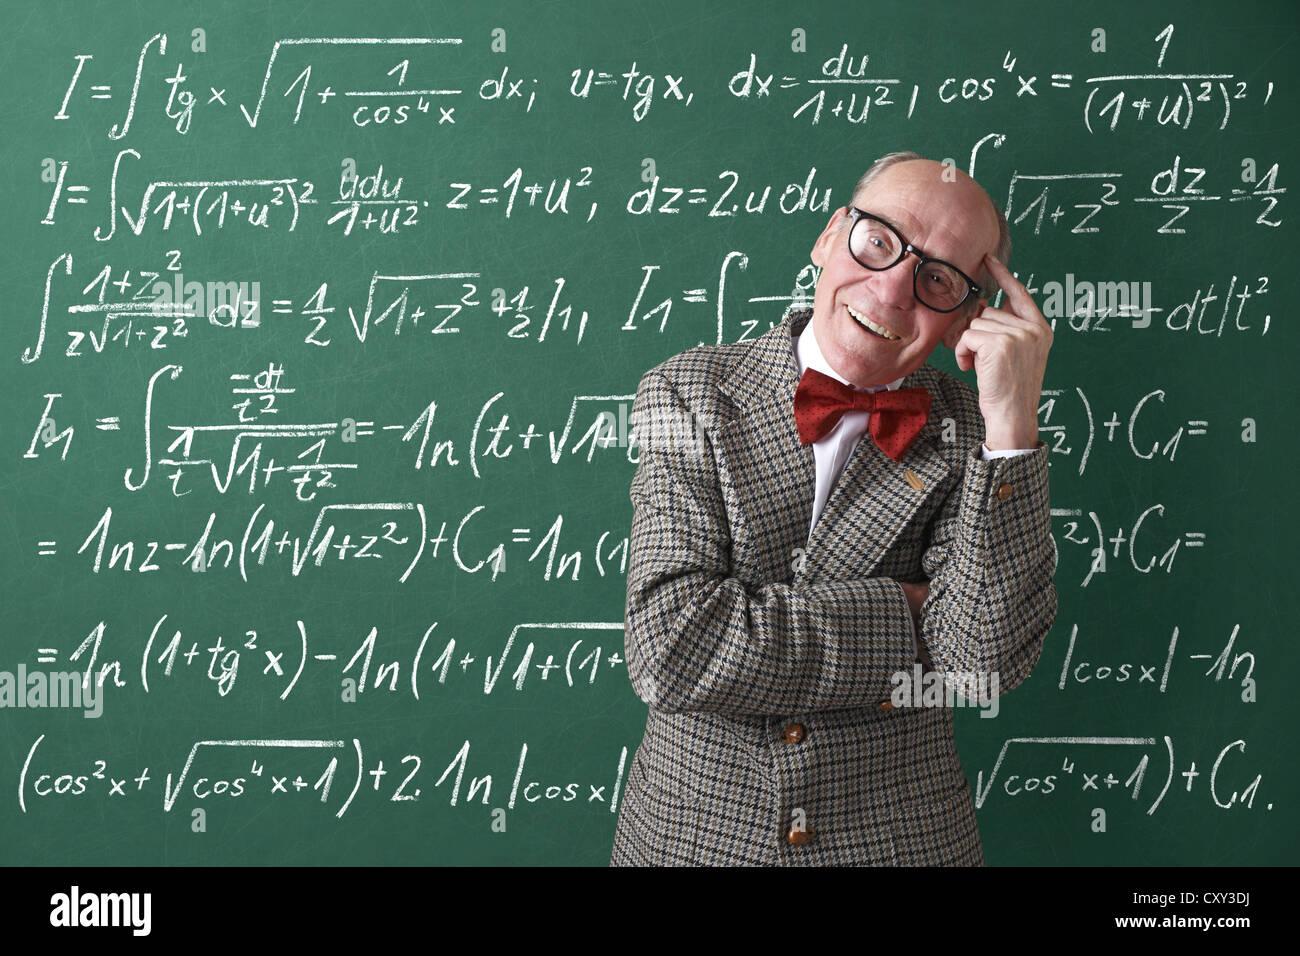 Professor, Lehrer, Tafel, mathematische Formeln, Gleichungen, mathematischen Unterricht, Mathematik Stockfoto